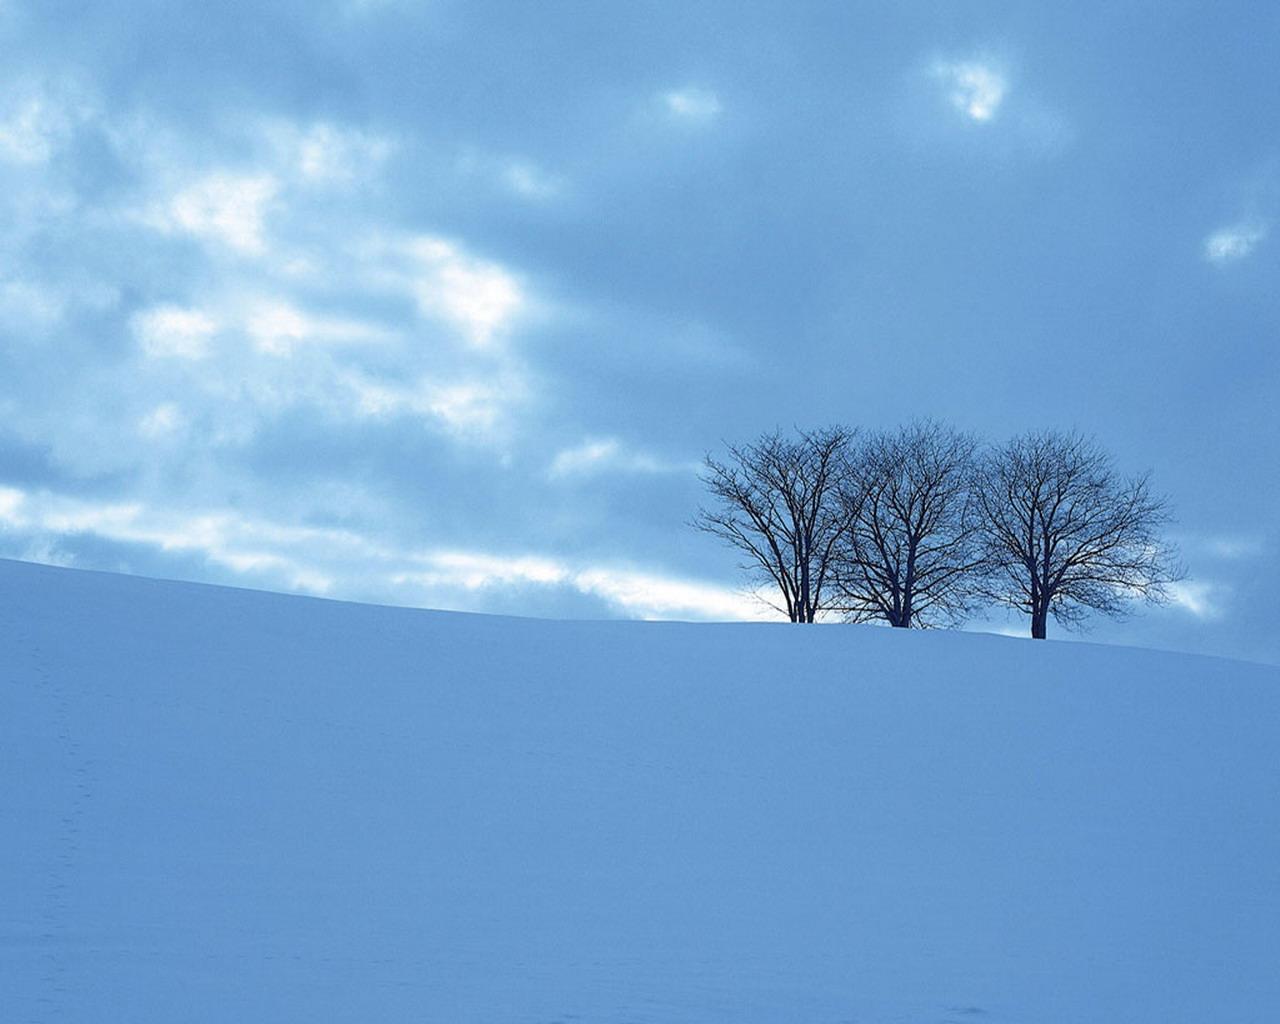 Snow Desktop Backgrounds Winter Snow Desktop Wallpapers Desktop 1280x1024